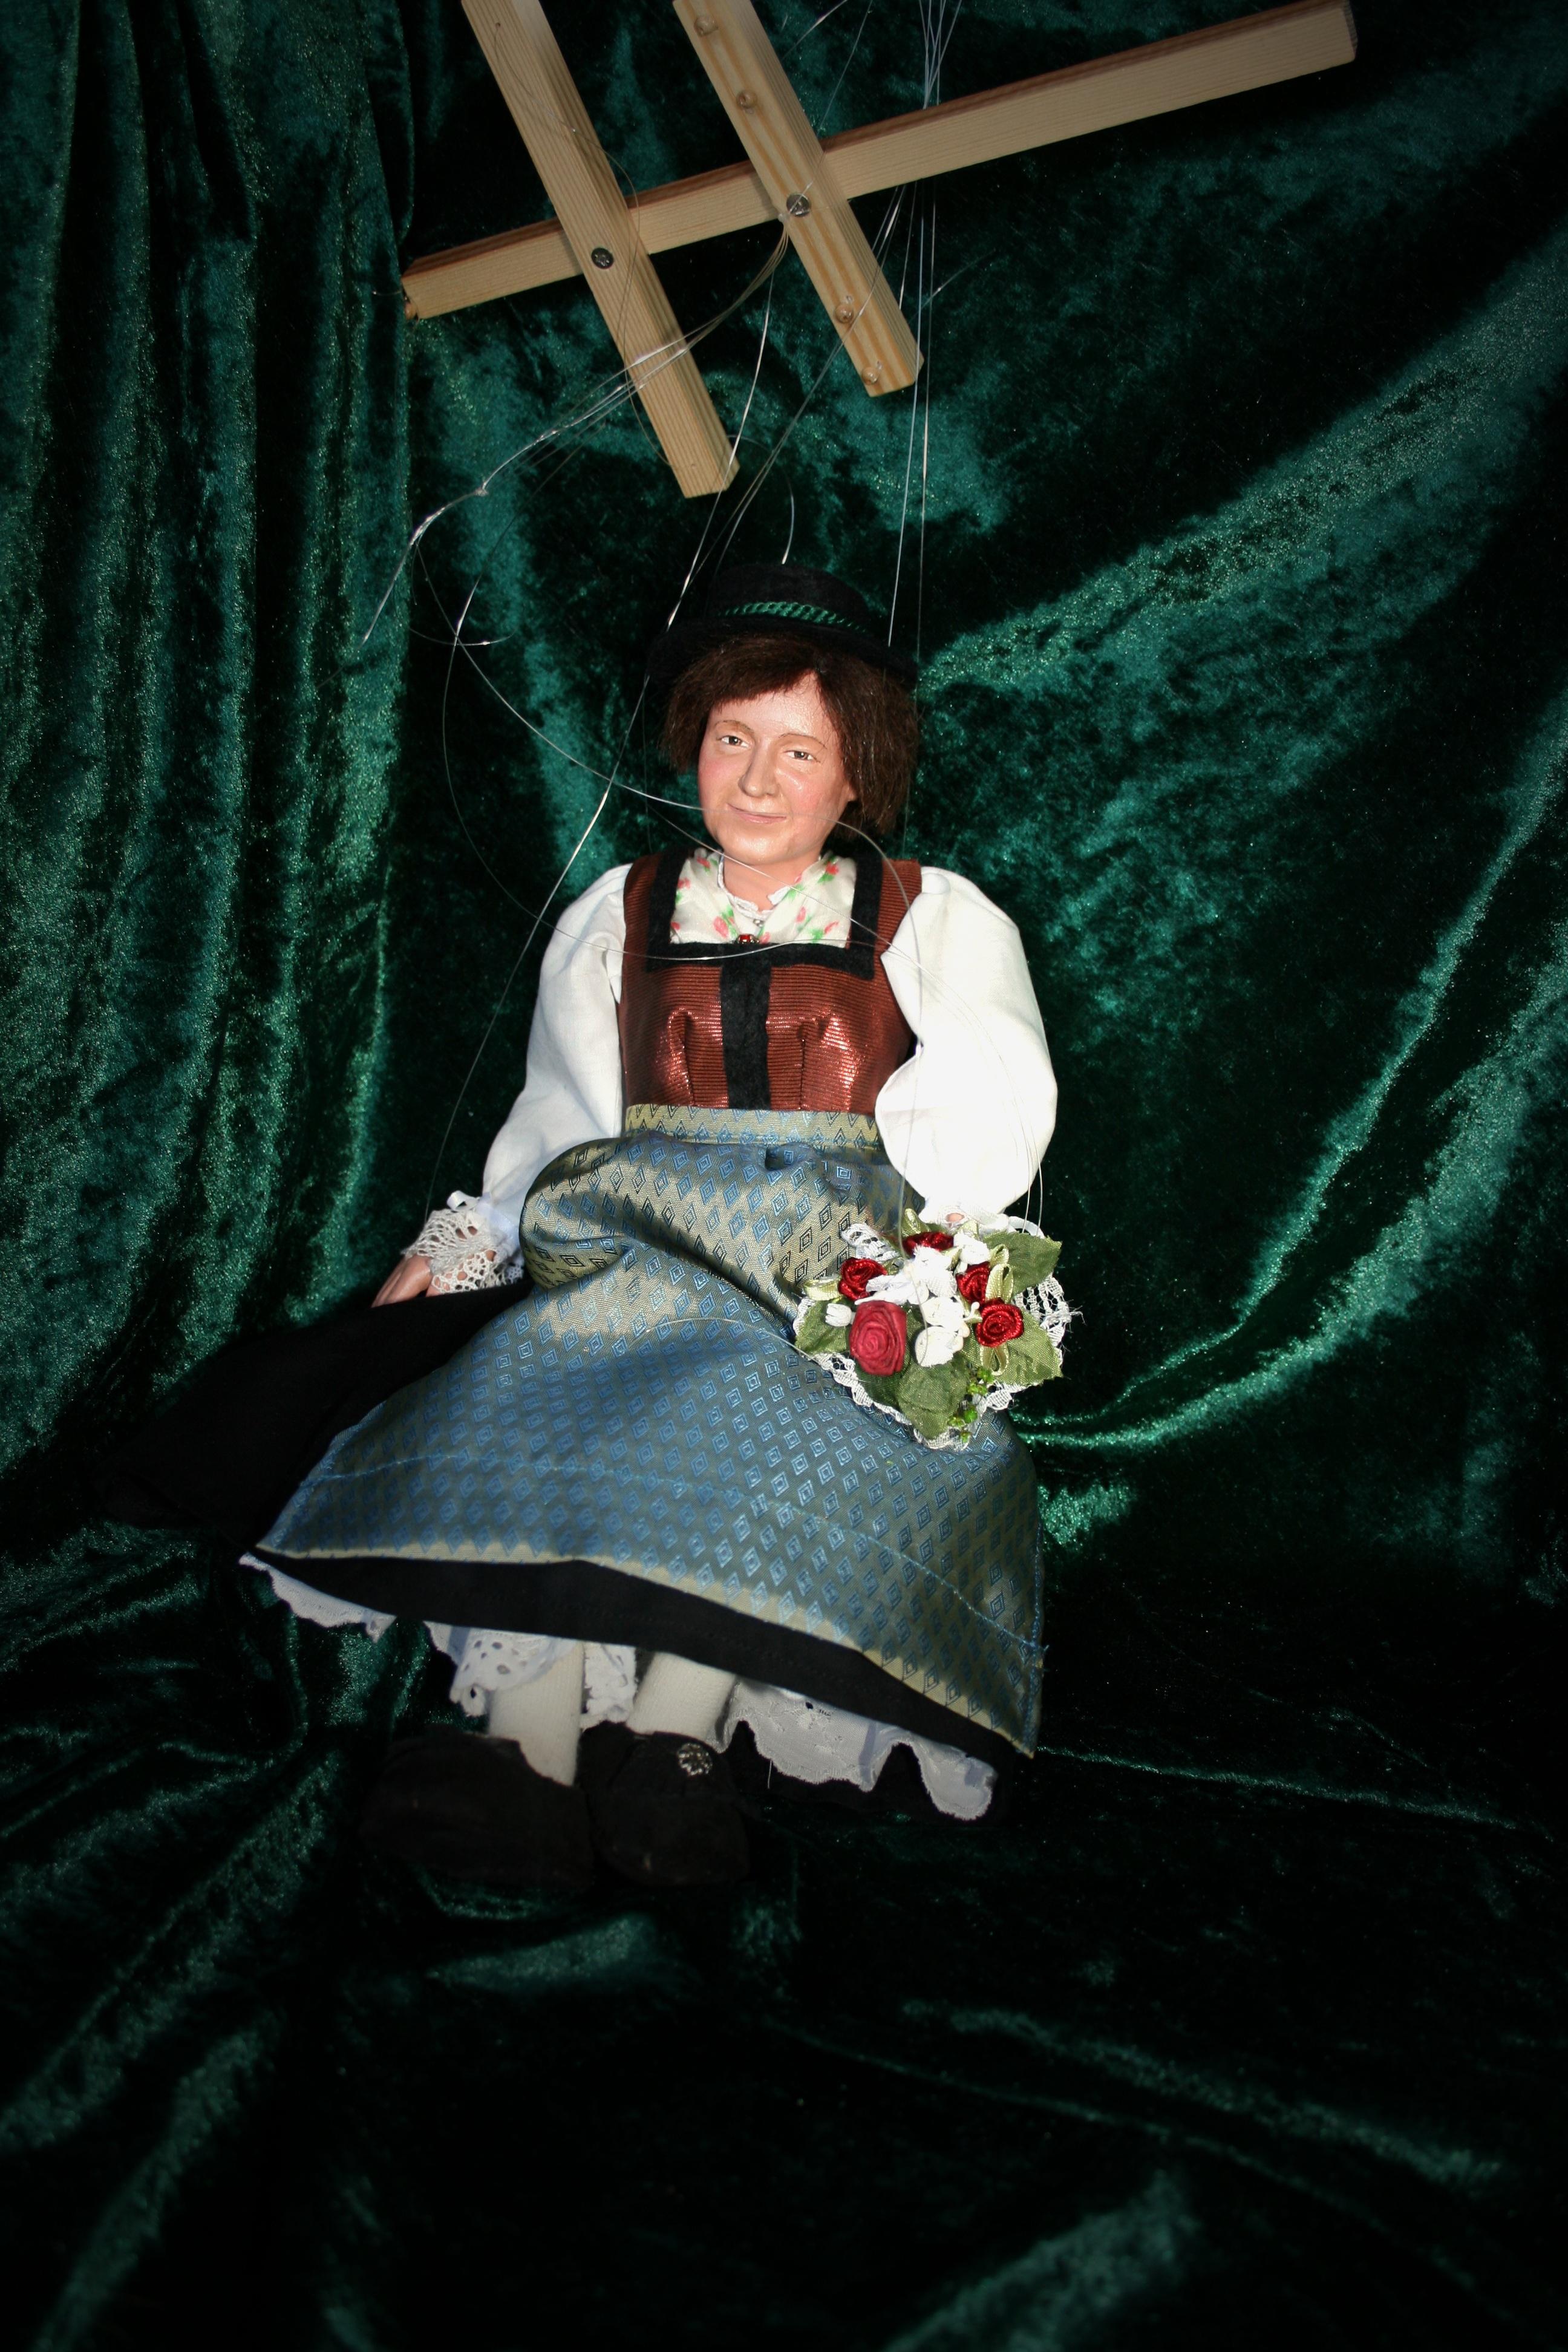 Fotos gratis : color, humano, oscuridad, vistoso, marioneta, muñeca, figura, disfraz, falda ...